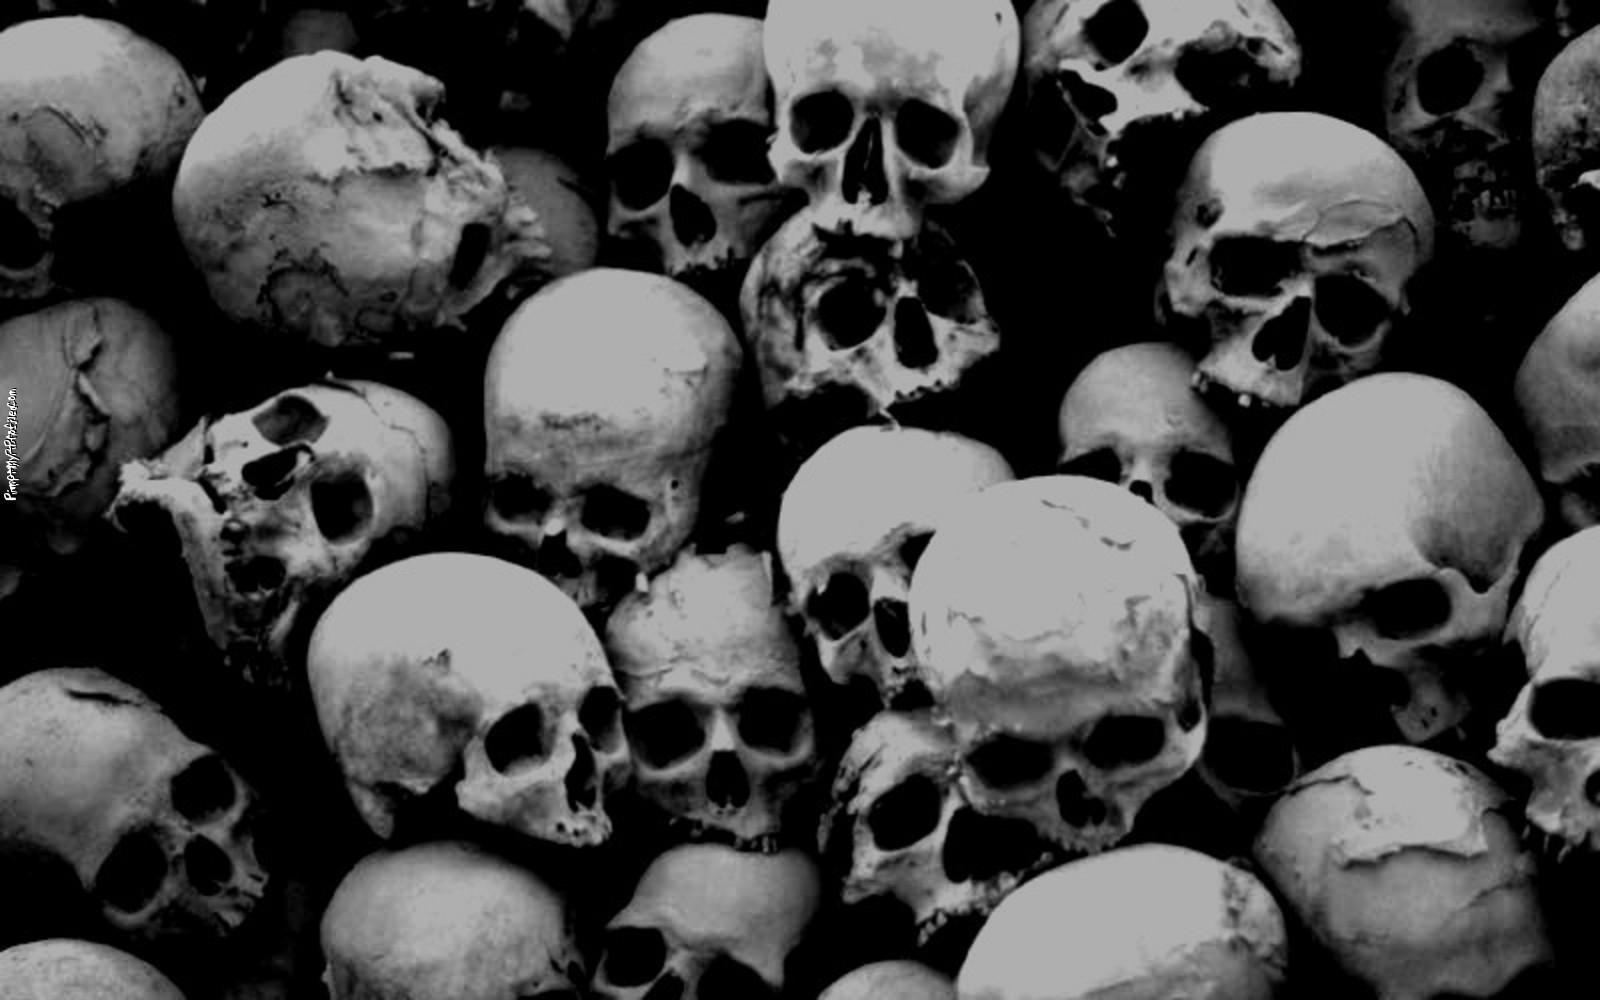 Skulls on black Twitter Backgrounds